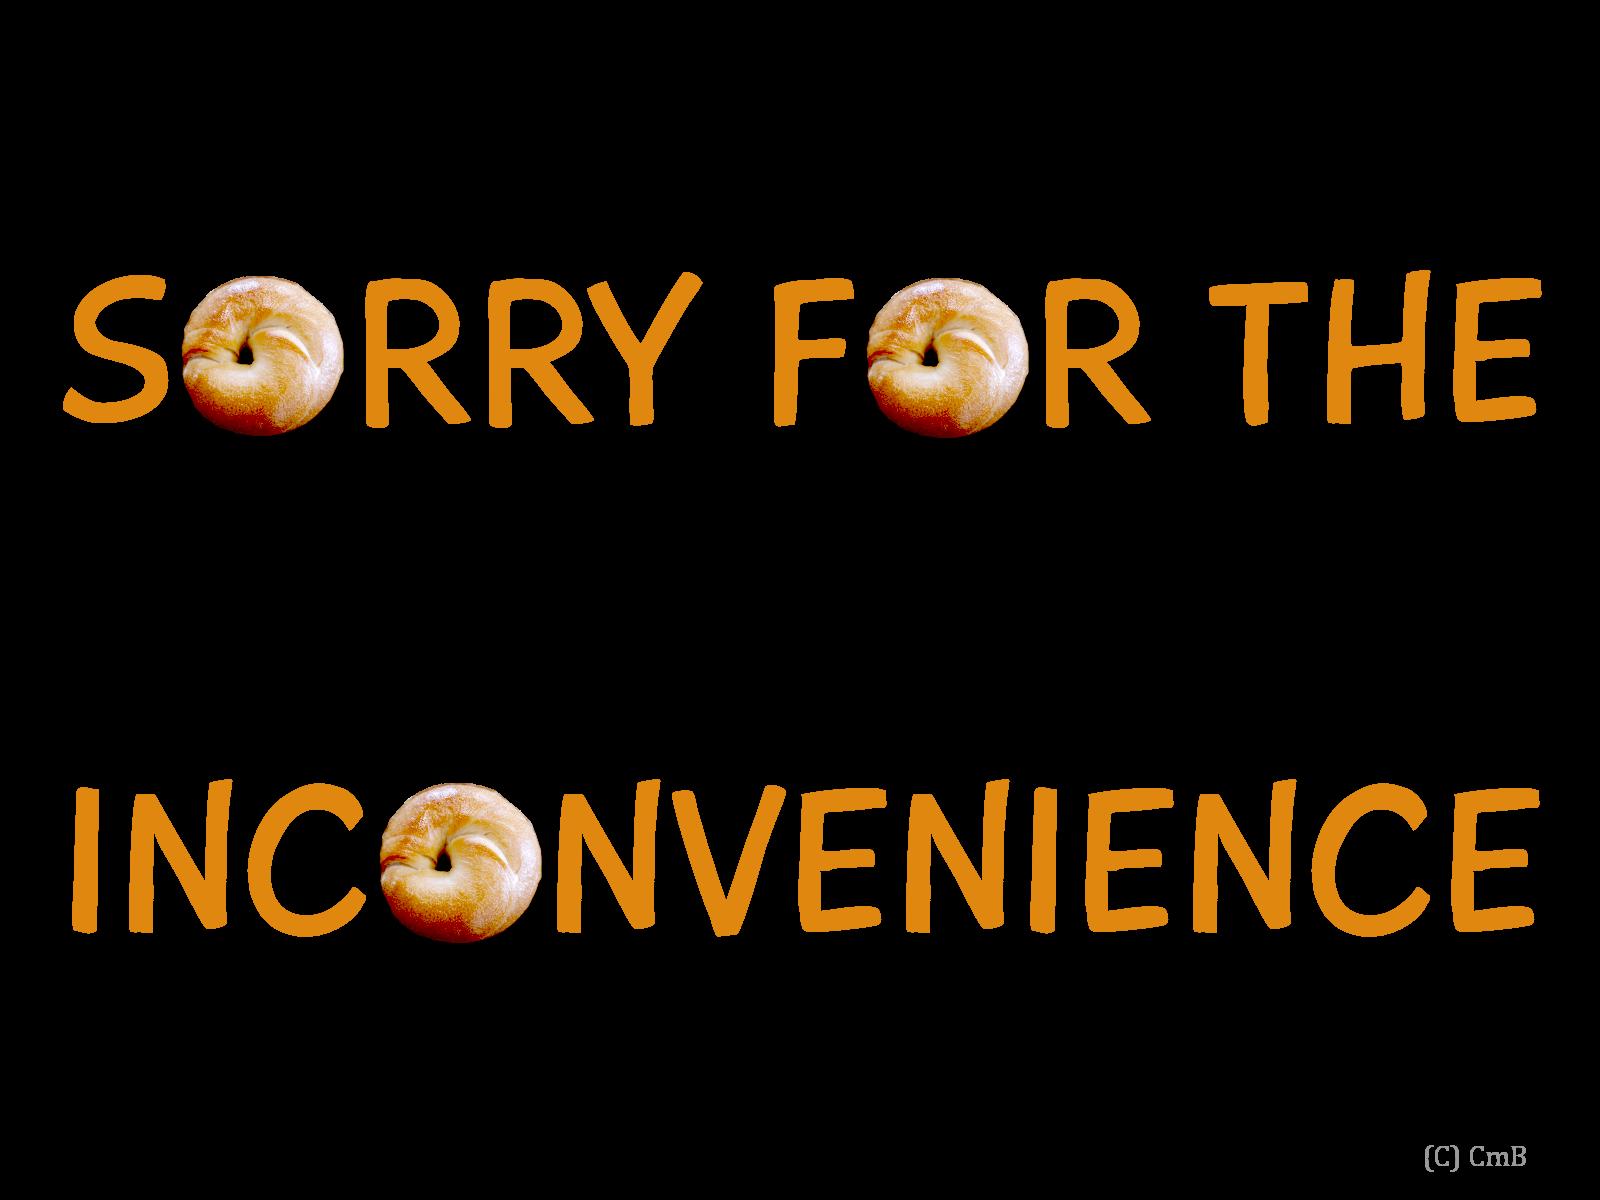 ご不便をおかけし申し訳ございません